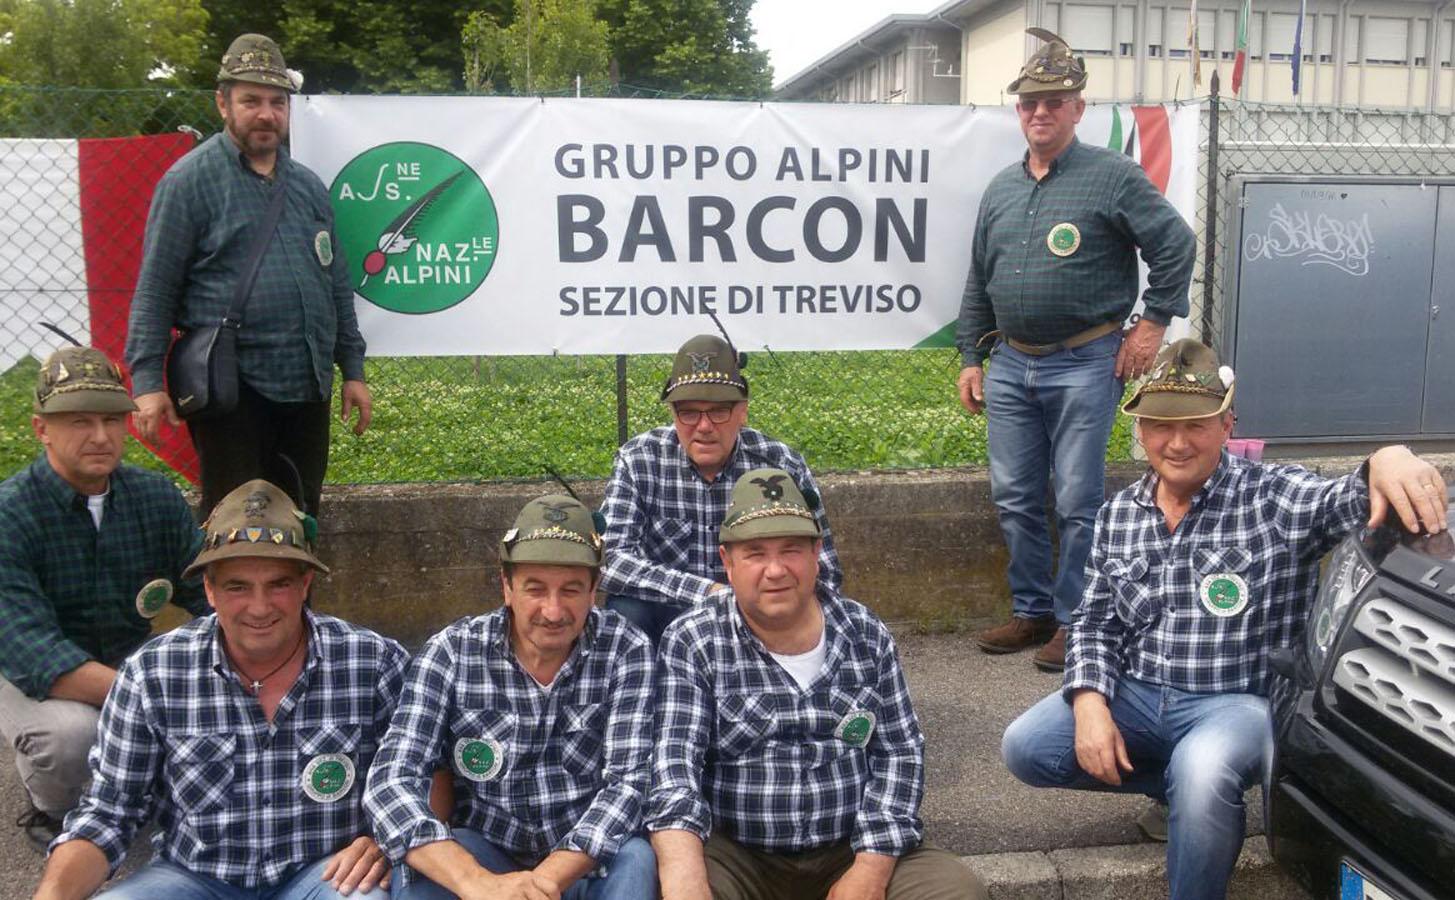 Adunata nazionale degli Alpini a Treviso